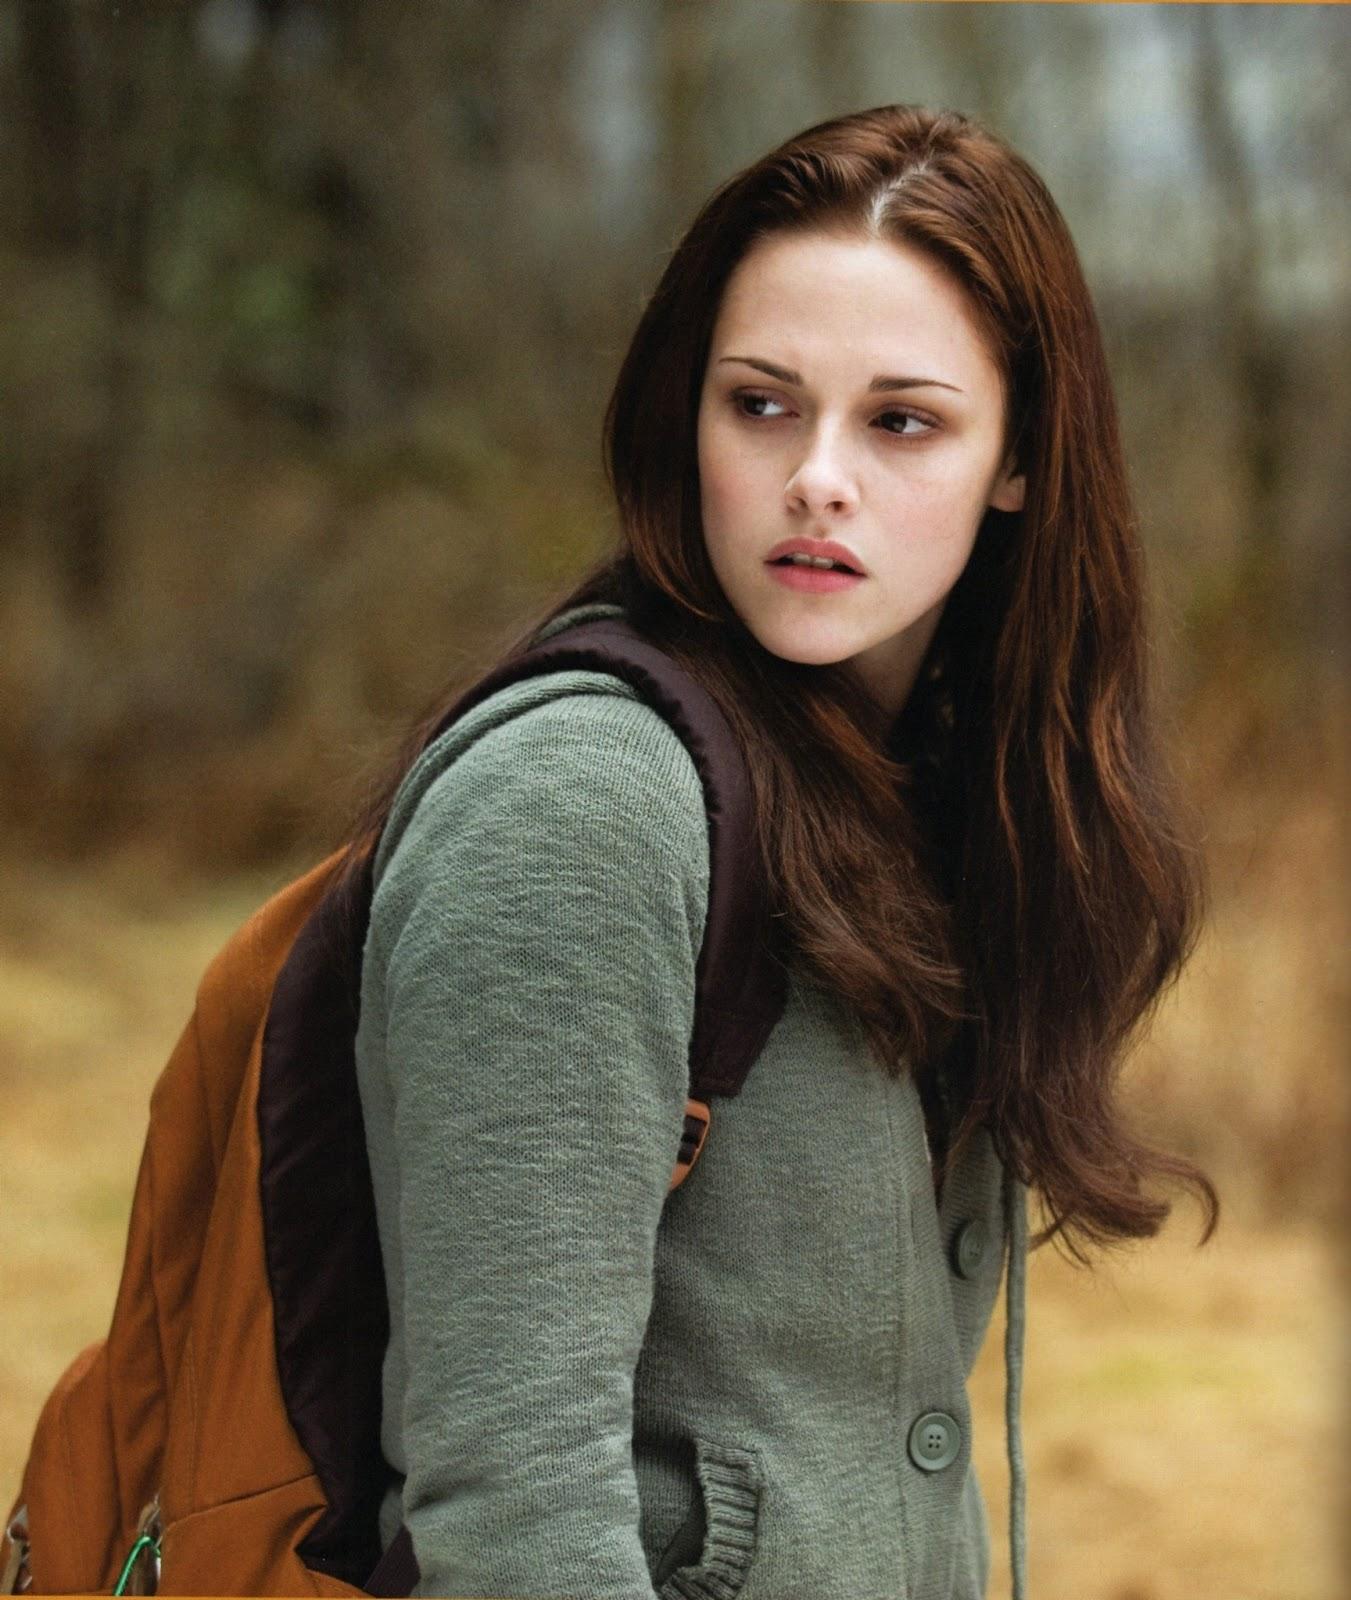 Czy ty też myślisz że Kristen Stewart nie pasuje do roli Belli ? - sunela.eu -